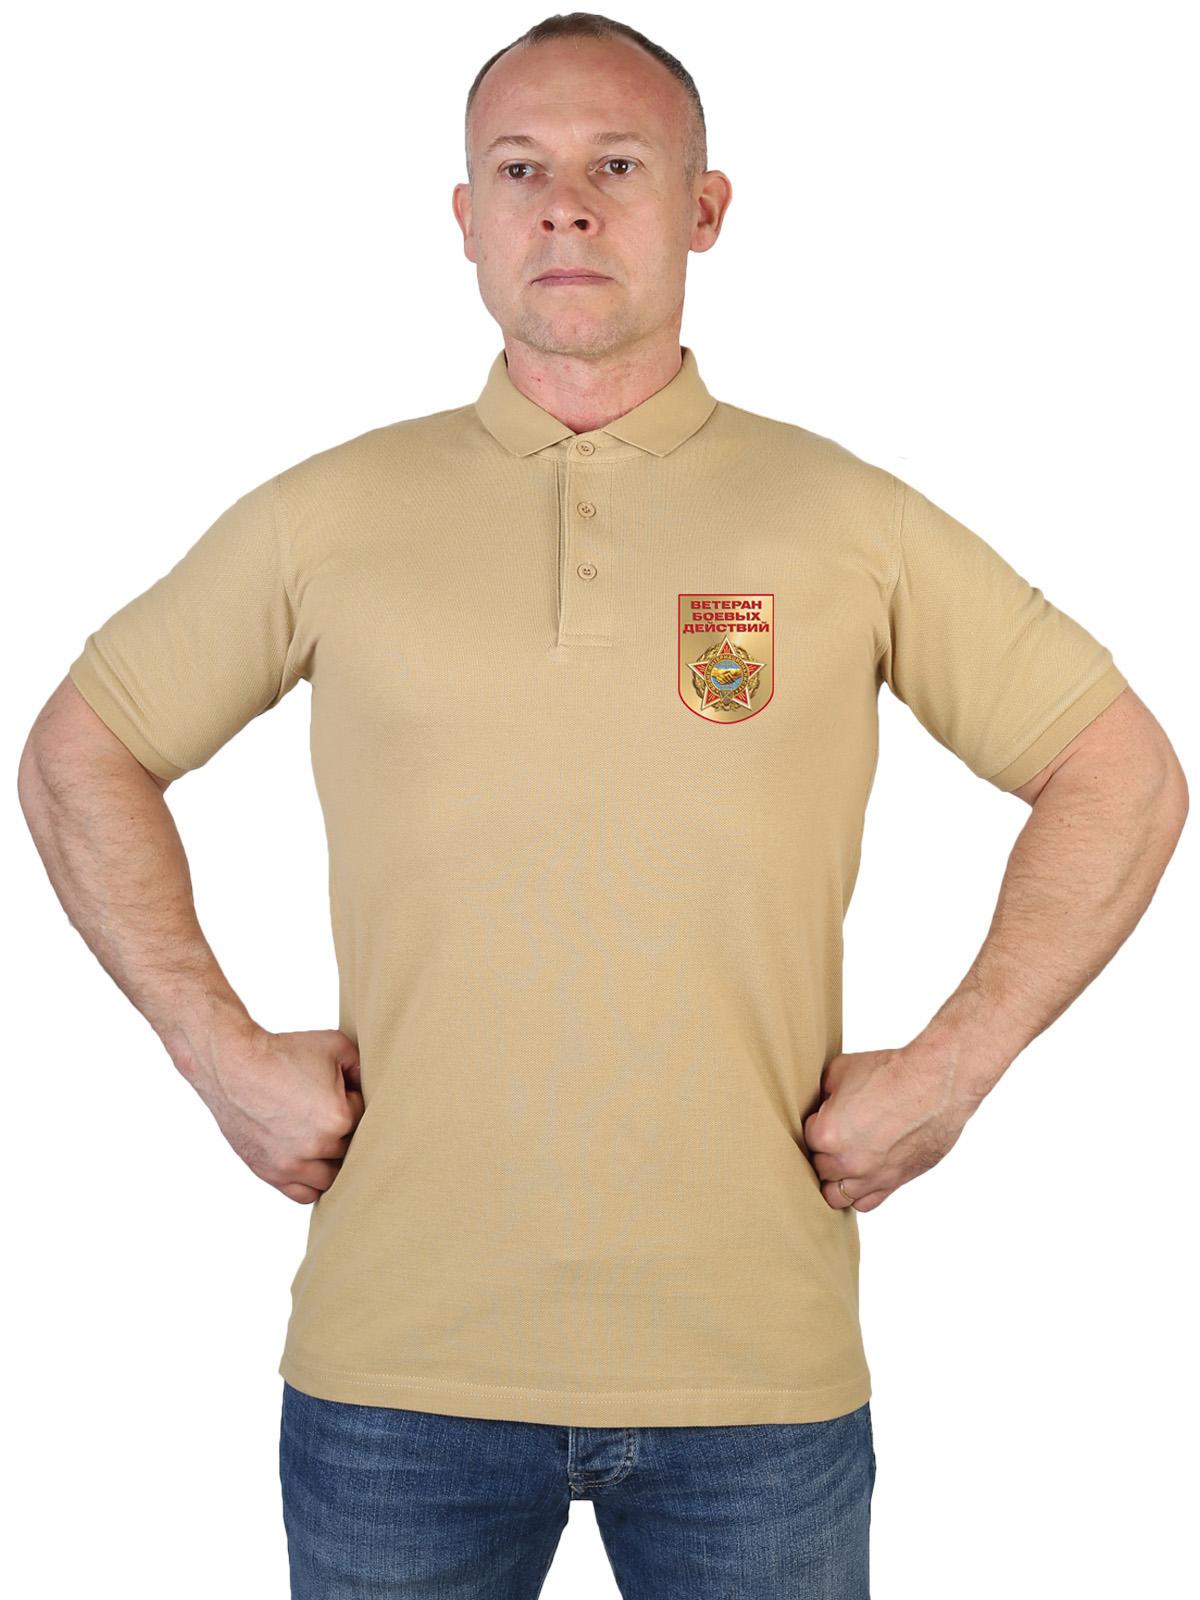 Купить мужскую оригинальную футболку-поло с термотрансфером ВБД онлайн